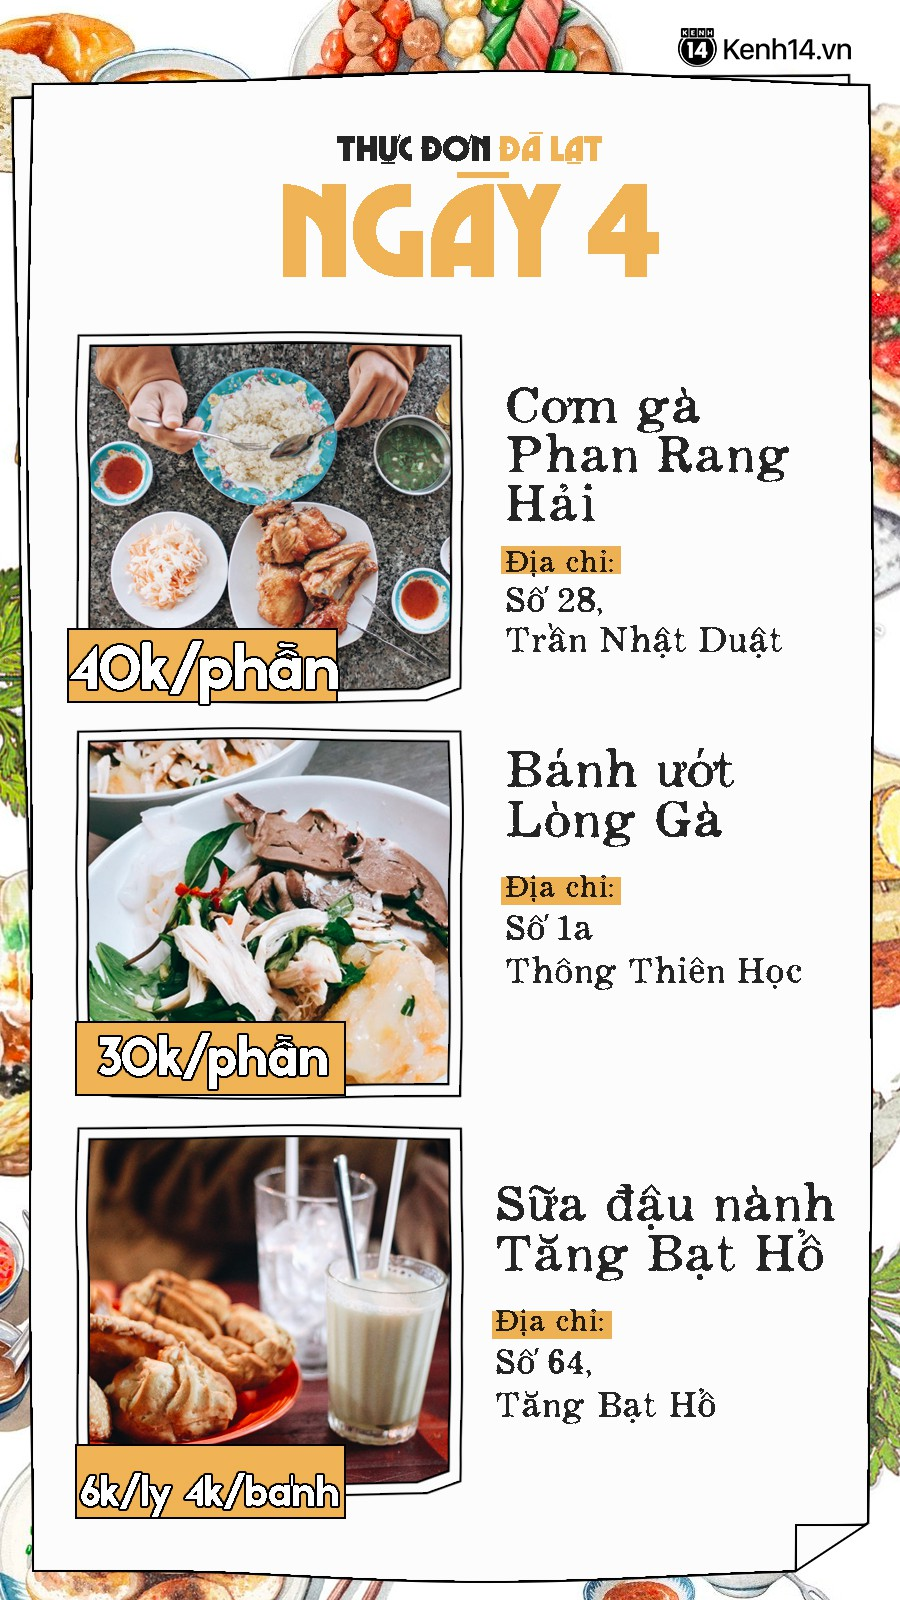 Đã có hẳn cẩm nang 7 ngày ăn ở Đà Lạt đây này, đi chơi chẳng lo phải nghĩ ngợi ăn gì ở đâu nữa - Ảnh 9.